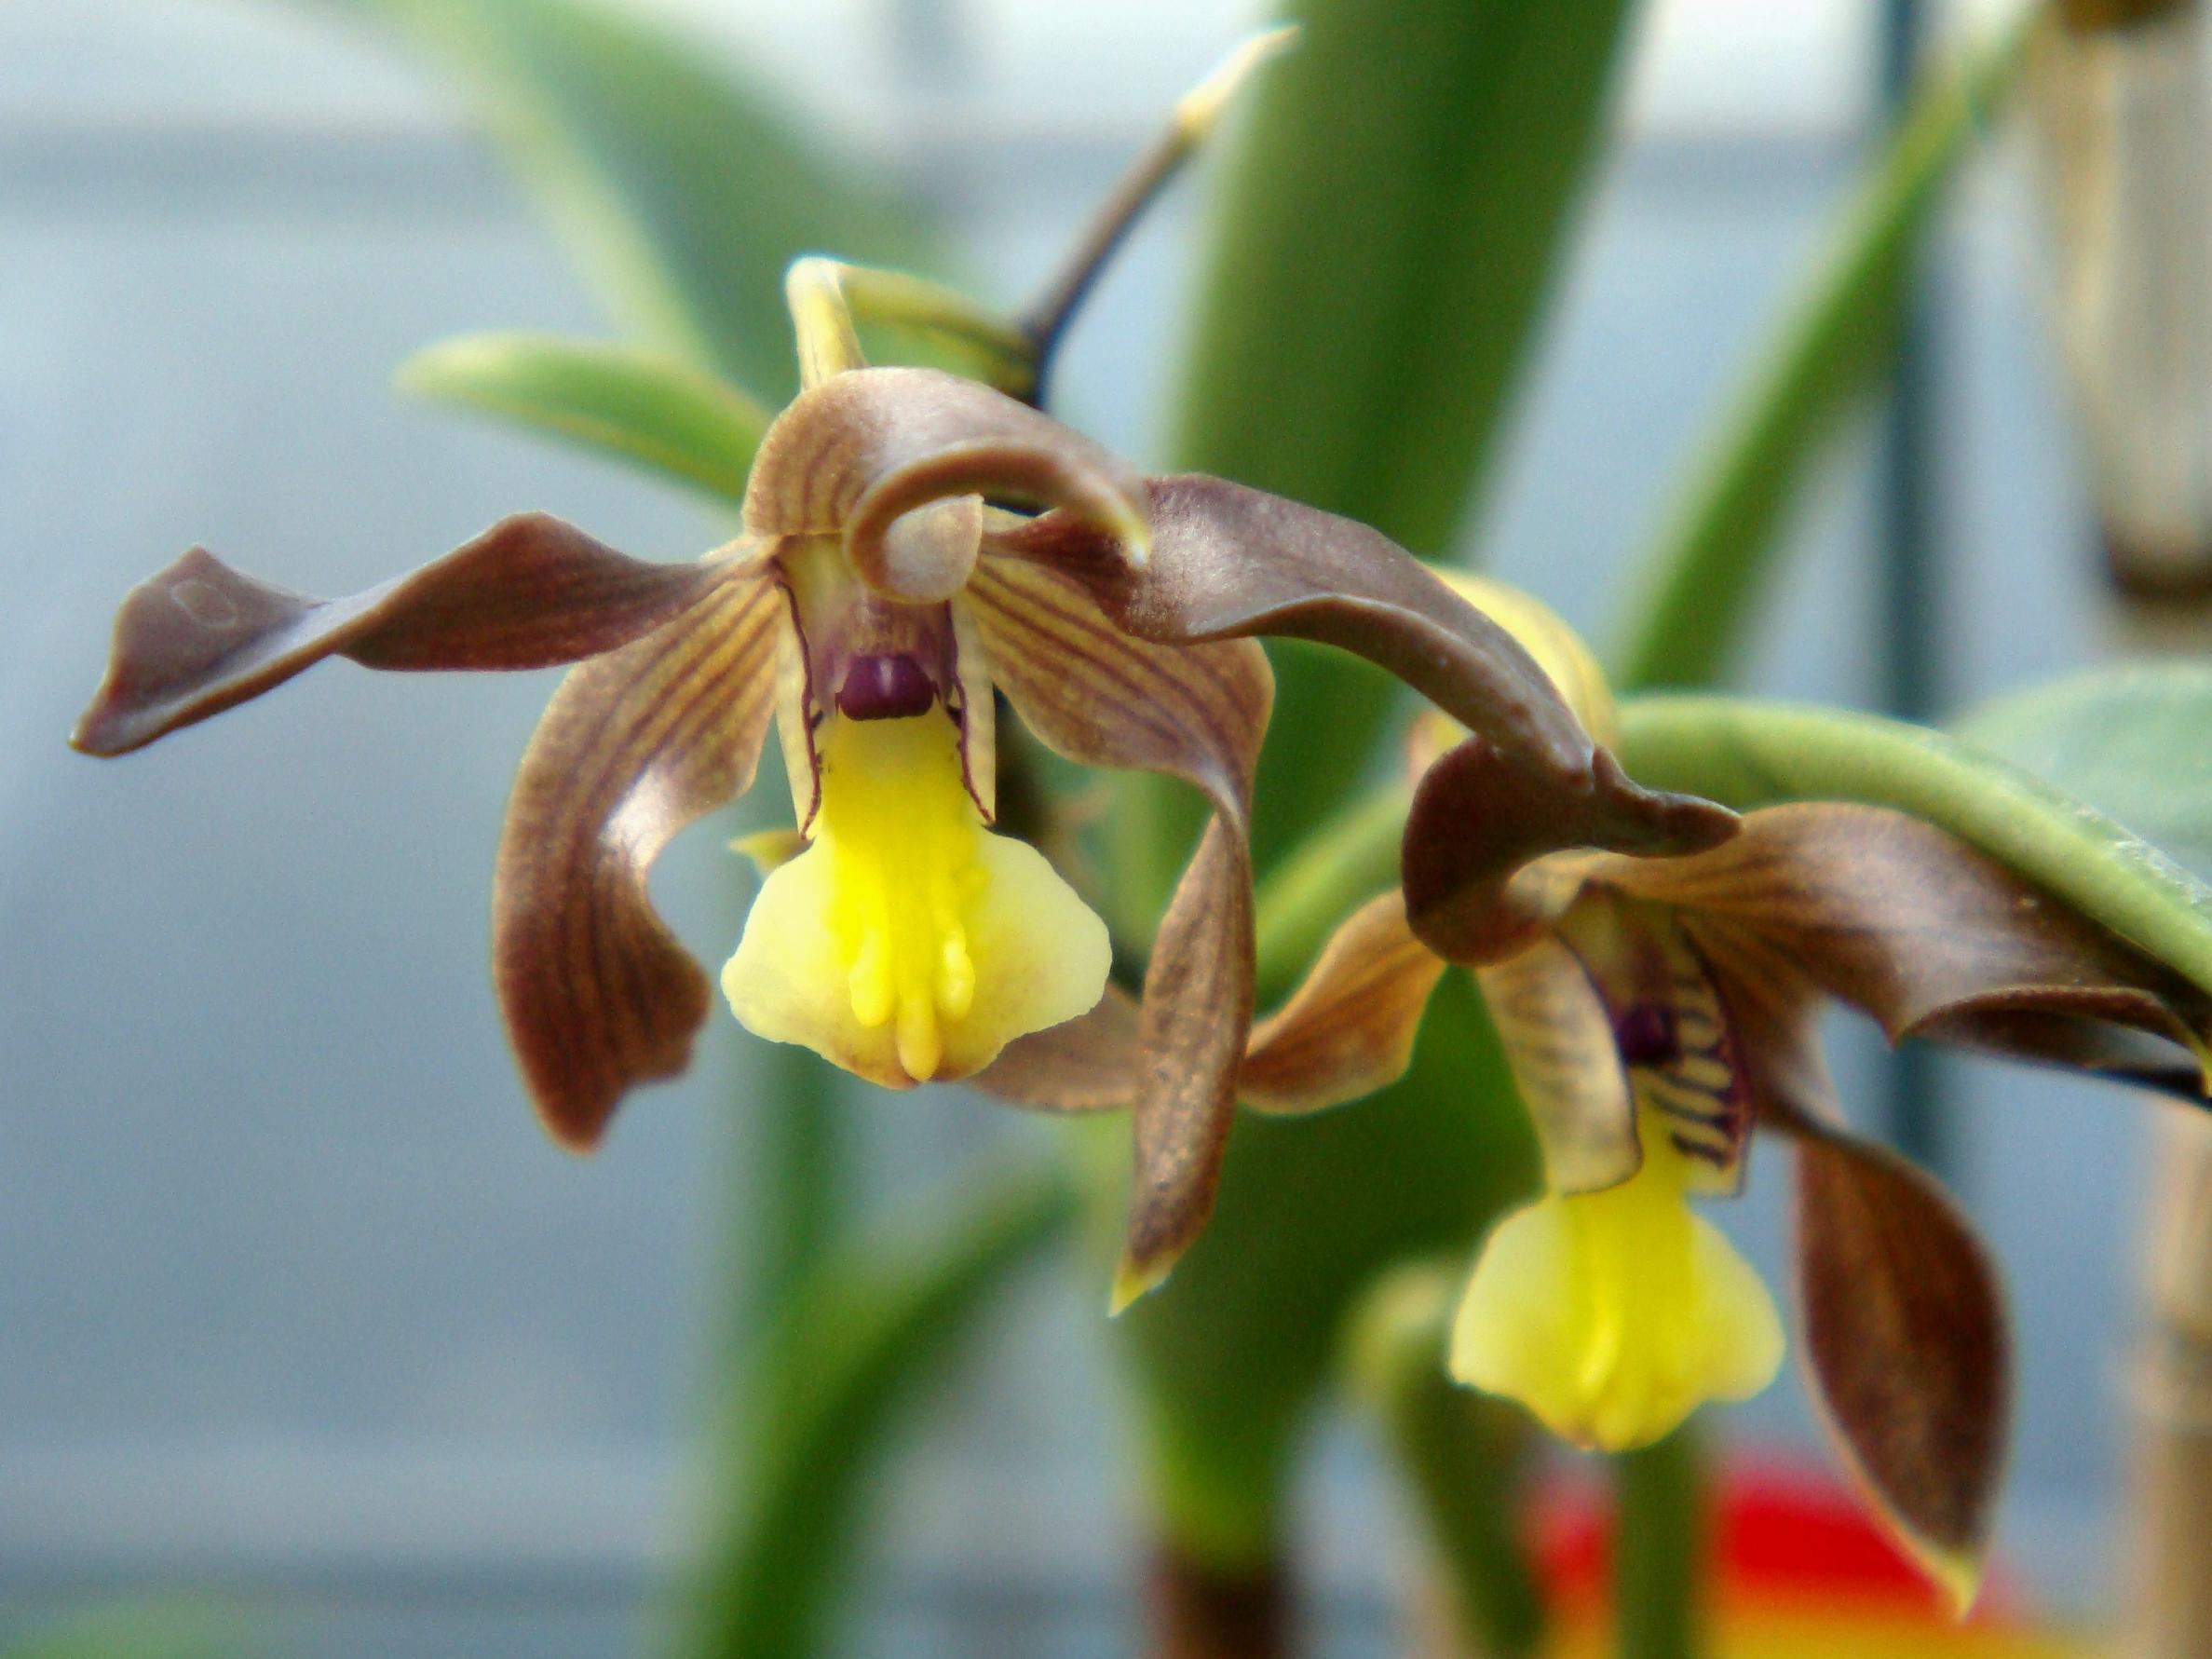 http://orchids.la.coocan.jp/Dendrobium/Dendrobium%20johannis/DSC05897.JPG